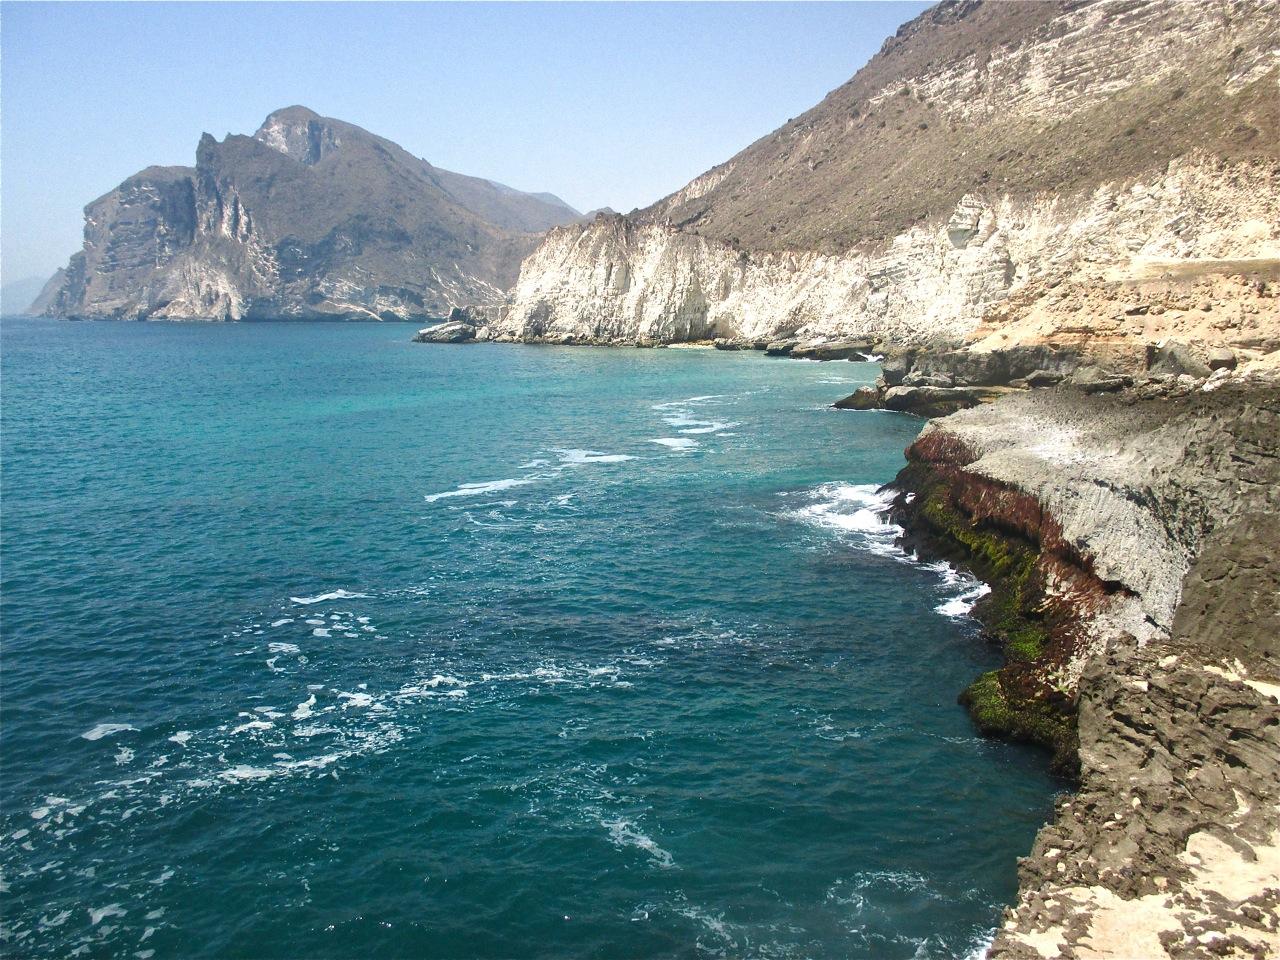 Les falaises de Mughsail dans le Dhofar.